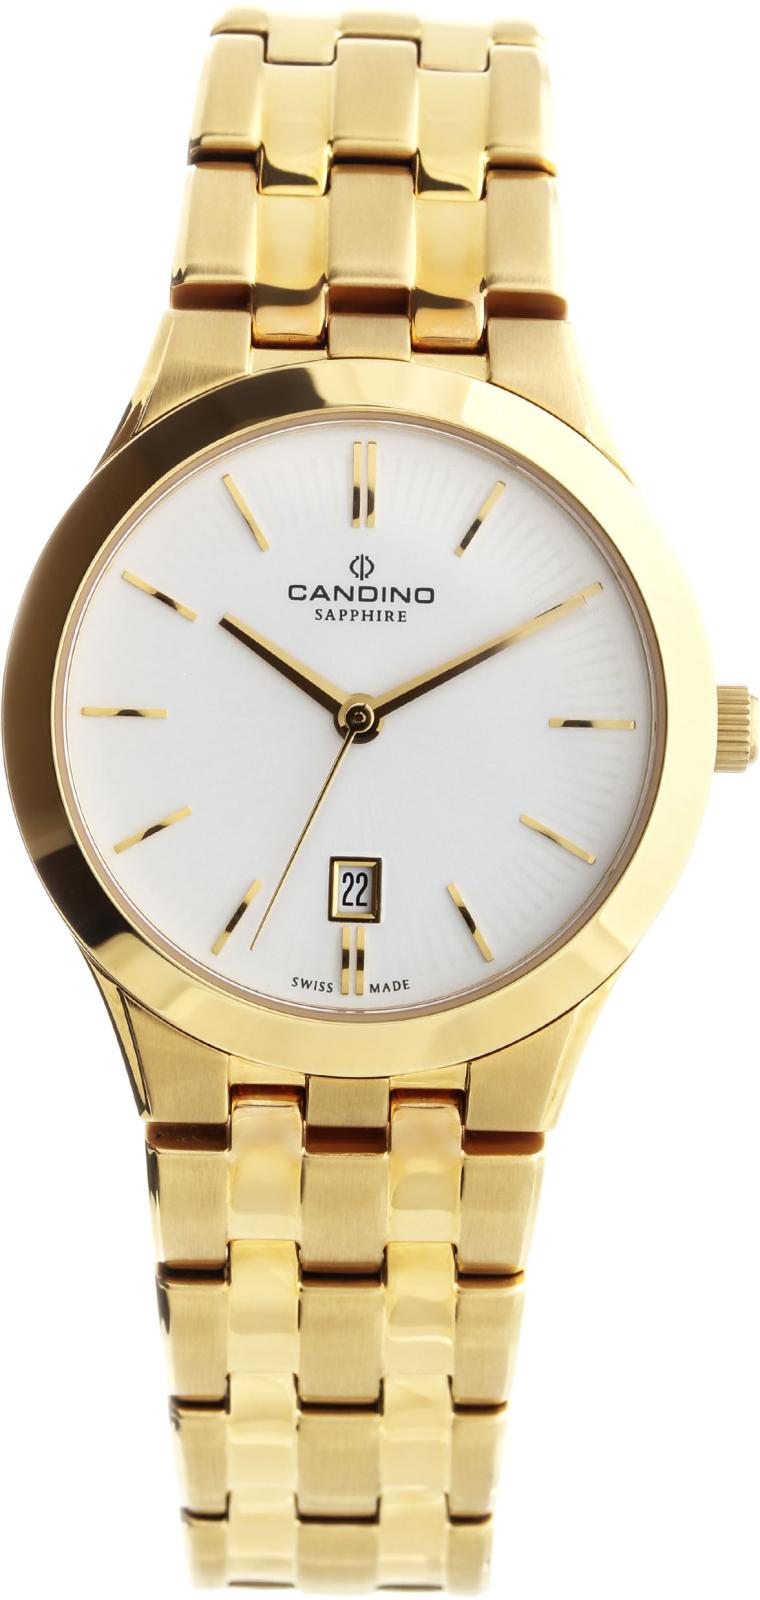 Candino Classic C4545/1Наручные часы<br>Швейцарские часы Candino Classic C4545/1<br><br>Для кого?: Женские<br>Страна-производитель: Швейцария<br>Механизм: Кварцевый<br>Материал корпуса: Сталь<br>Материал ремня/браслета: Сталь<br>Водозащита, диапазон: 20 - 100 м<br>Стекло: Сапфировое<br>Толщина корпуса: 7 мм<br>Стиль: Классика